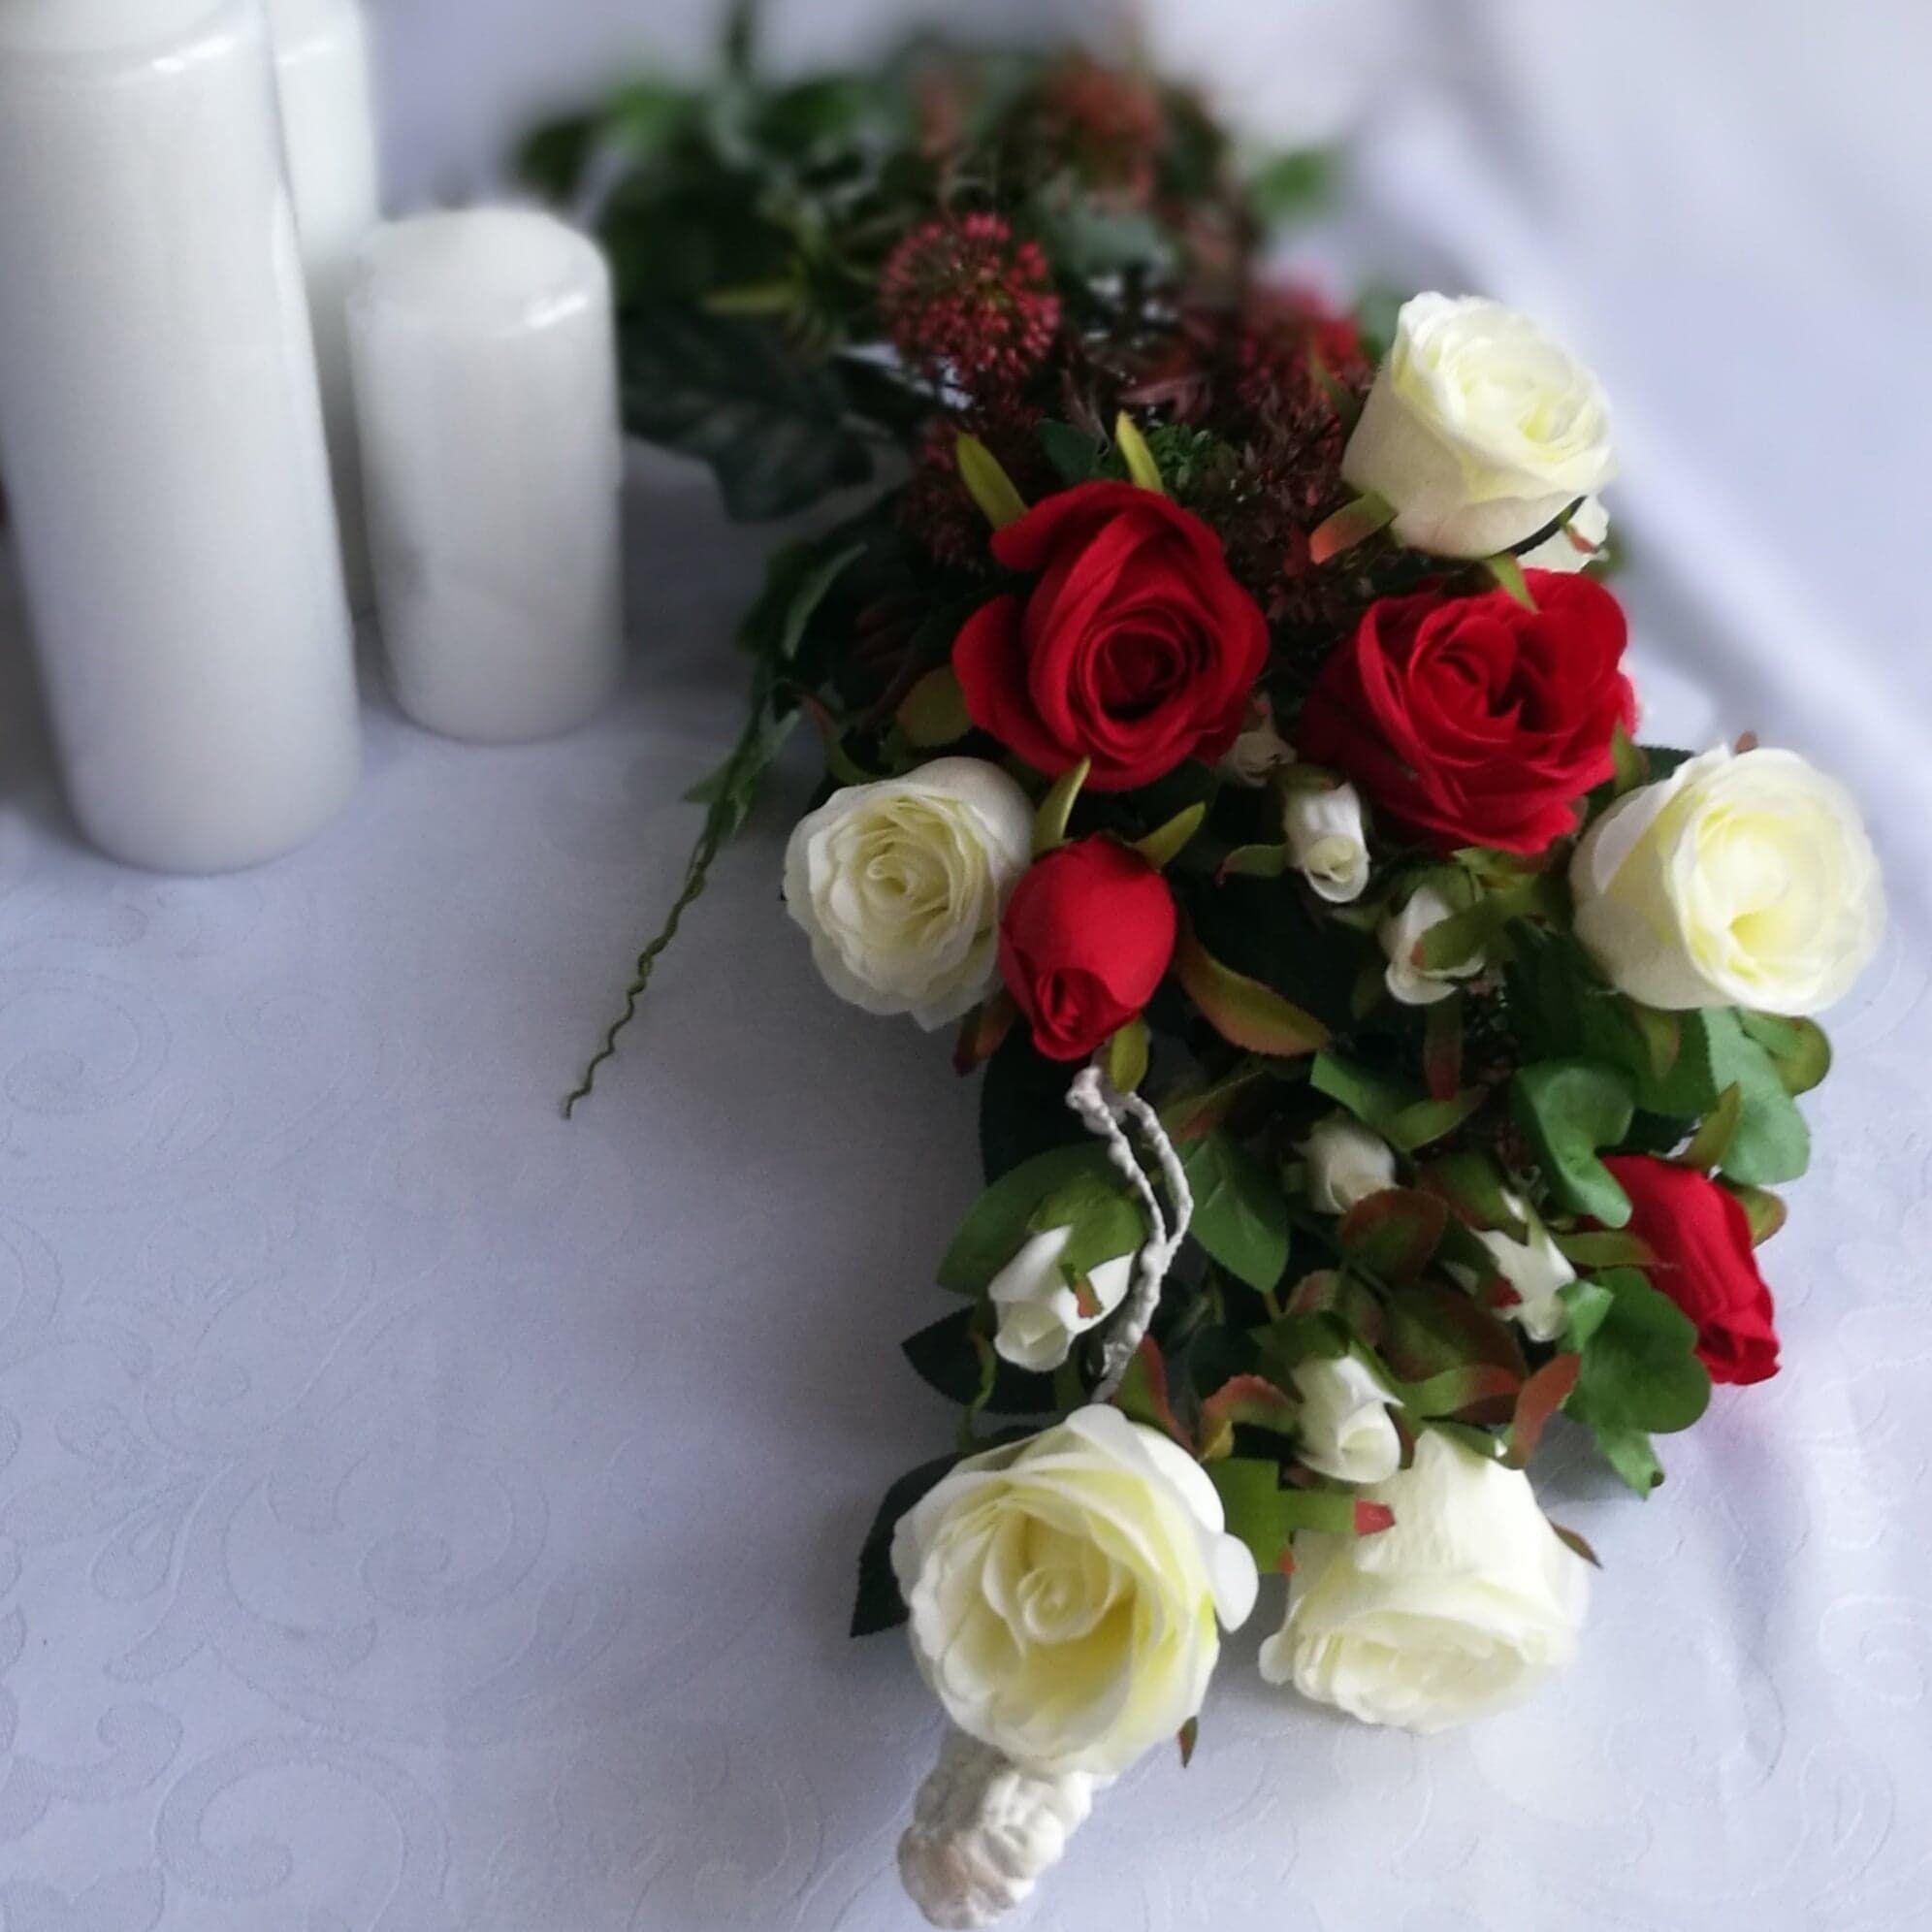 Stroik Na Cmentarz Z Rozami Nr 77 Swiateczne Atelier Flower Arrangements Table Decorations Funeral